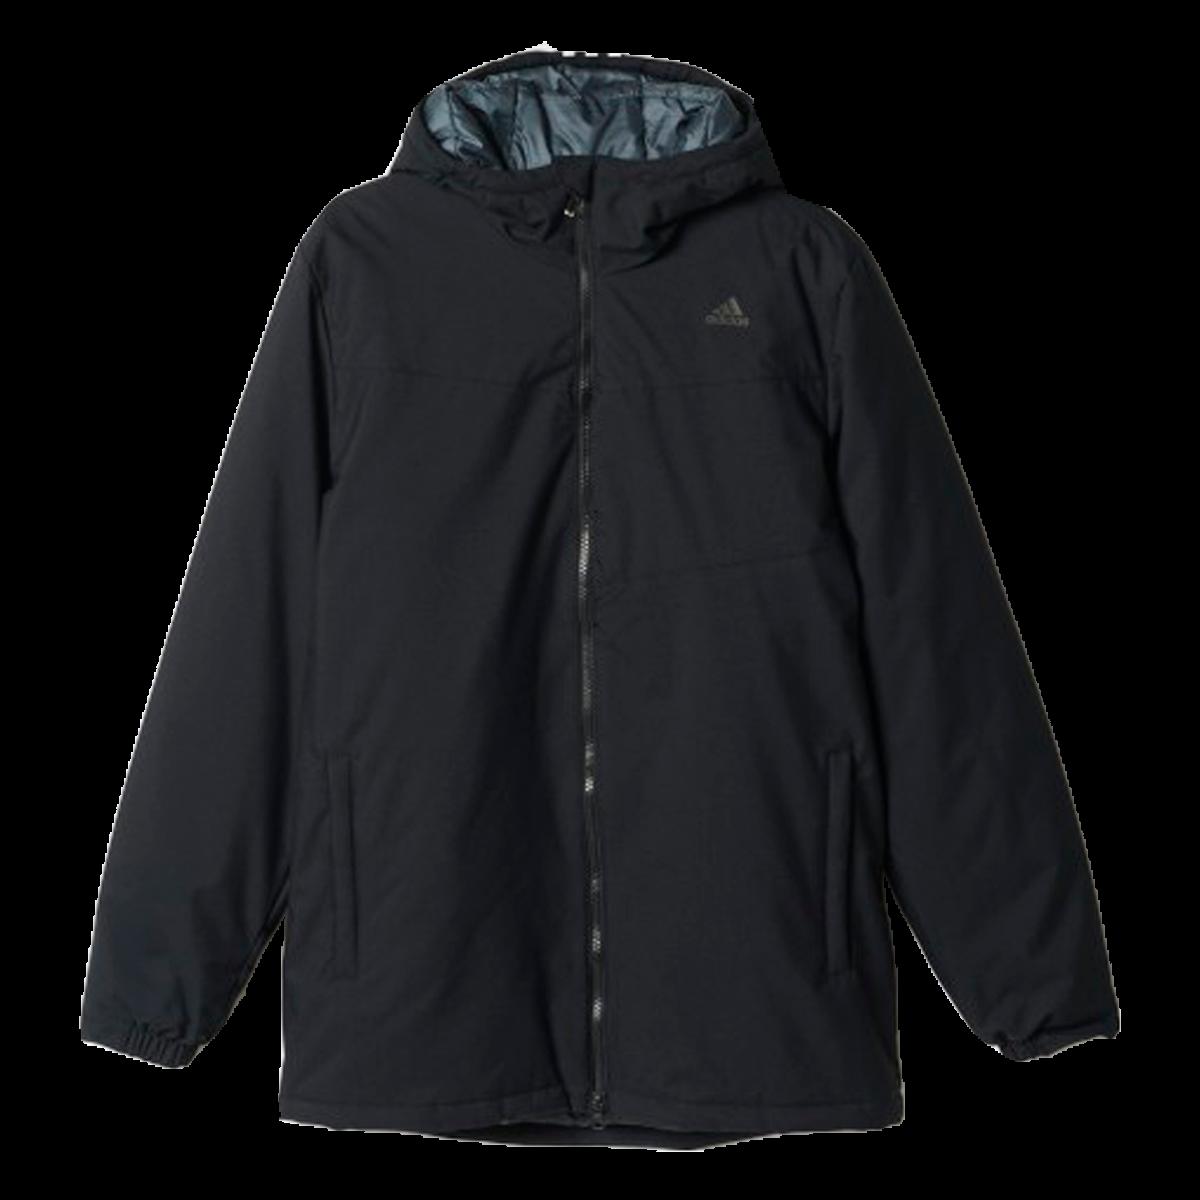 06a6c1121 Bizz Store - Jaqueta Masculina Adidas Pad BTS 3S Preta Nylon